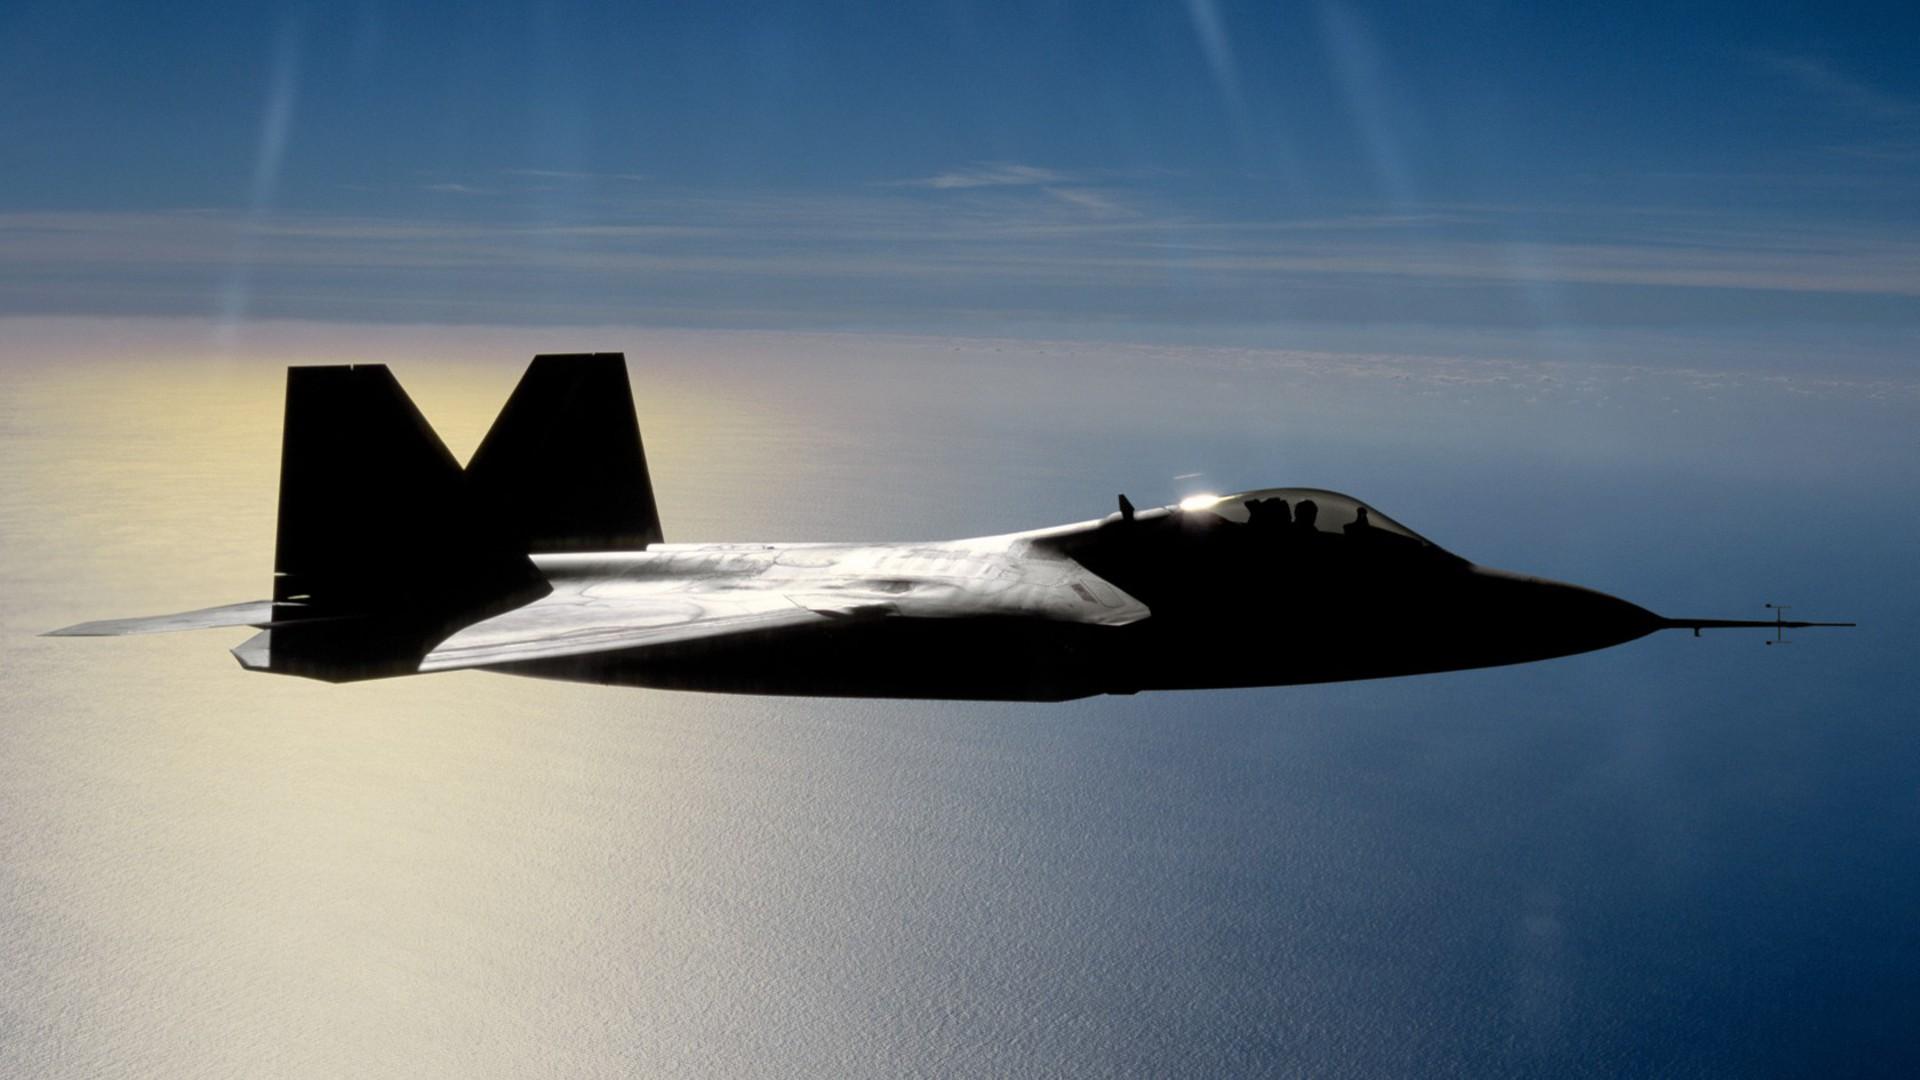 F-22 hiện là dòng máy bay chiến đấu tiên tiến nhất của Mỹ, đồng thời cũng là loại có giá thành đắt nhất thế giới (120 triệu USD/máy bay chưa kèm dịch vụ và vũ khí).